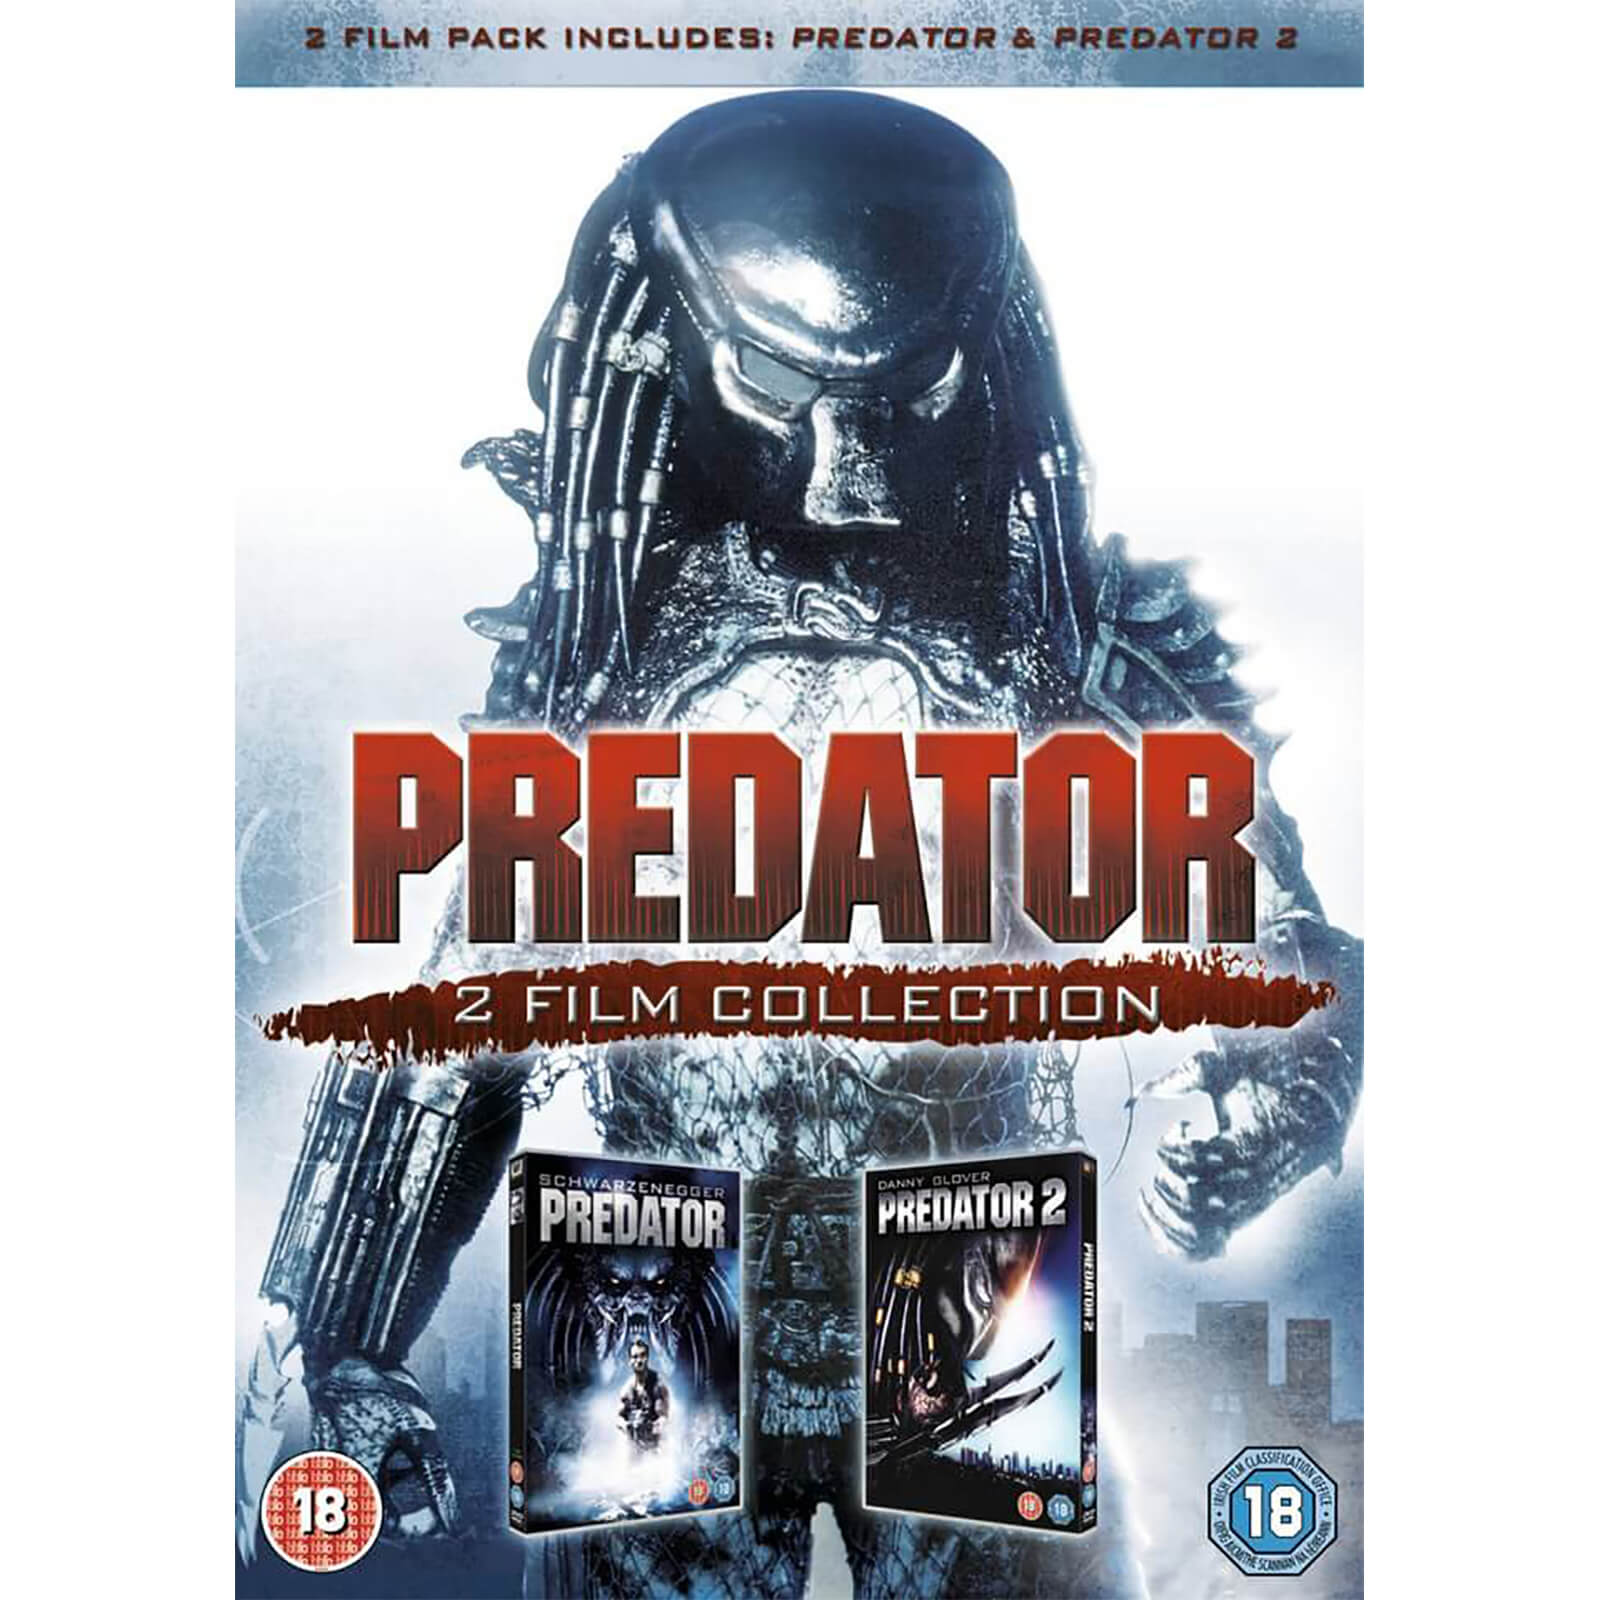 Predator / Predator 2